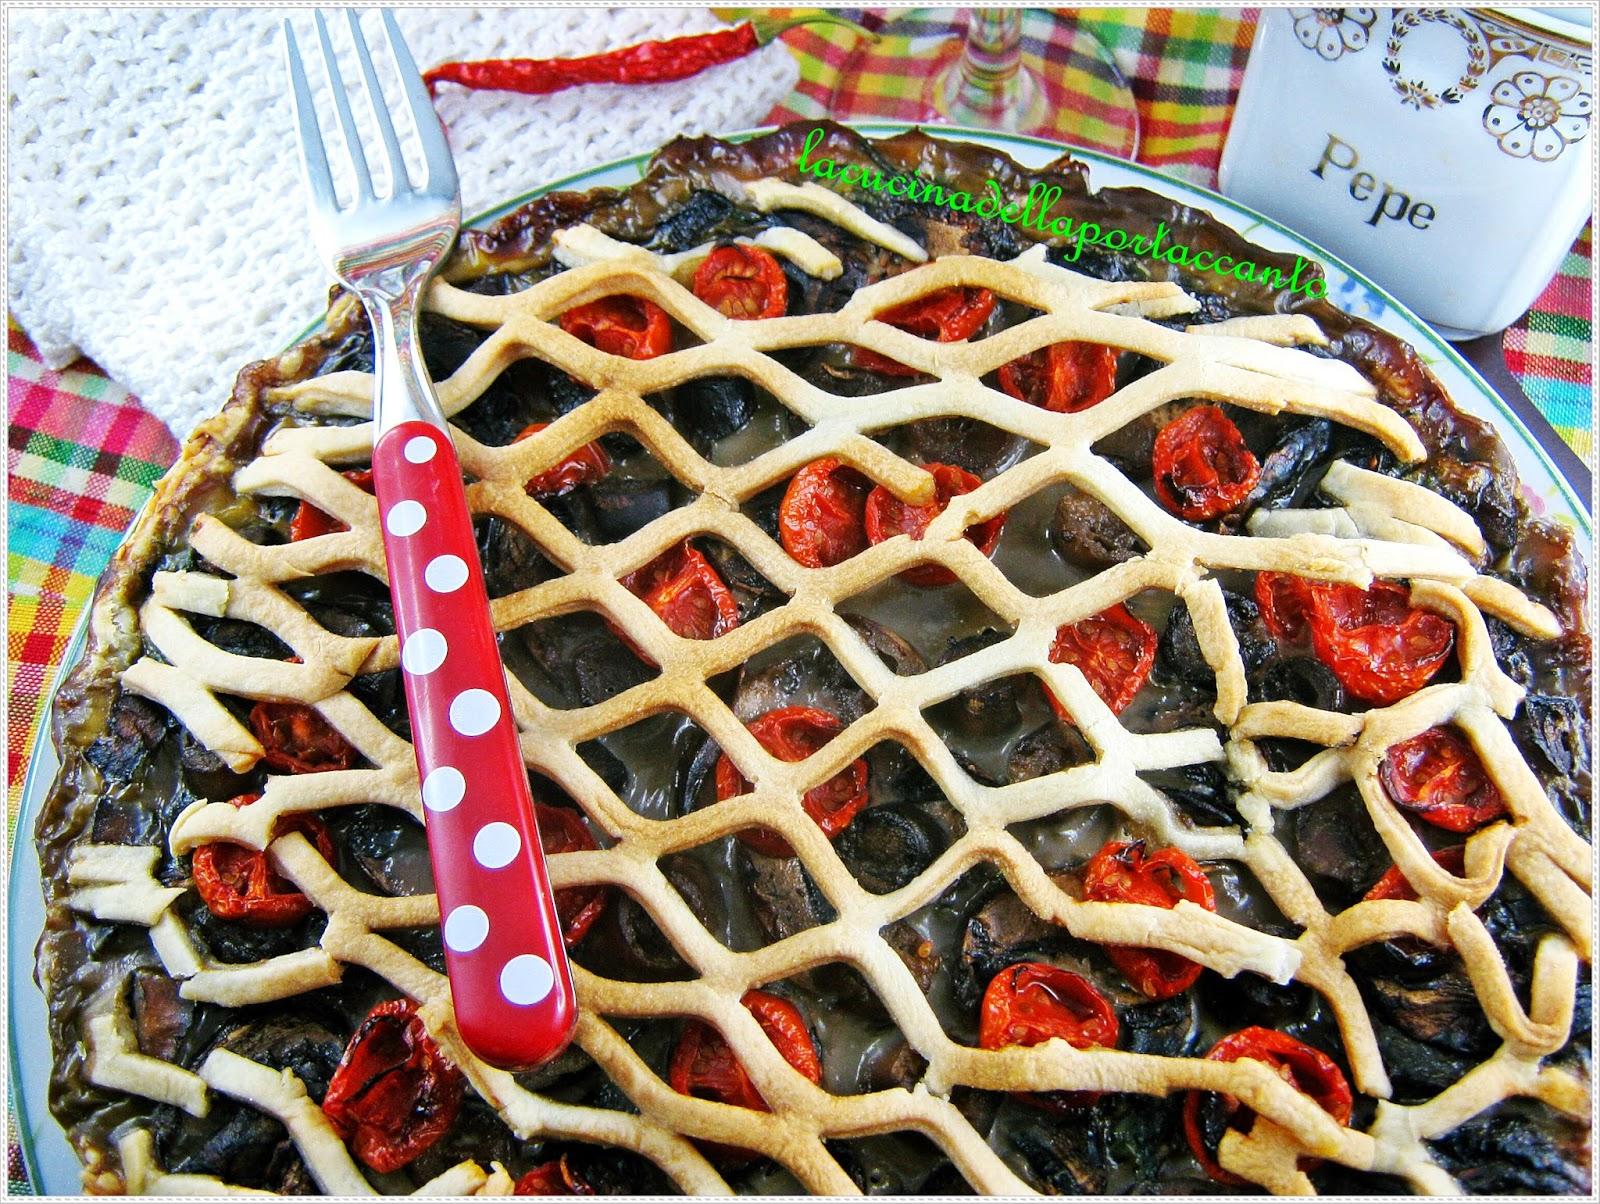 crostata salata di agretti con ricotta e funghi cremini al profumo di basilico